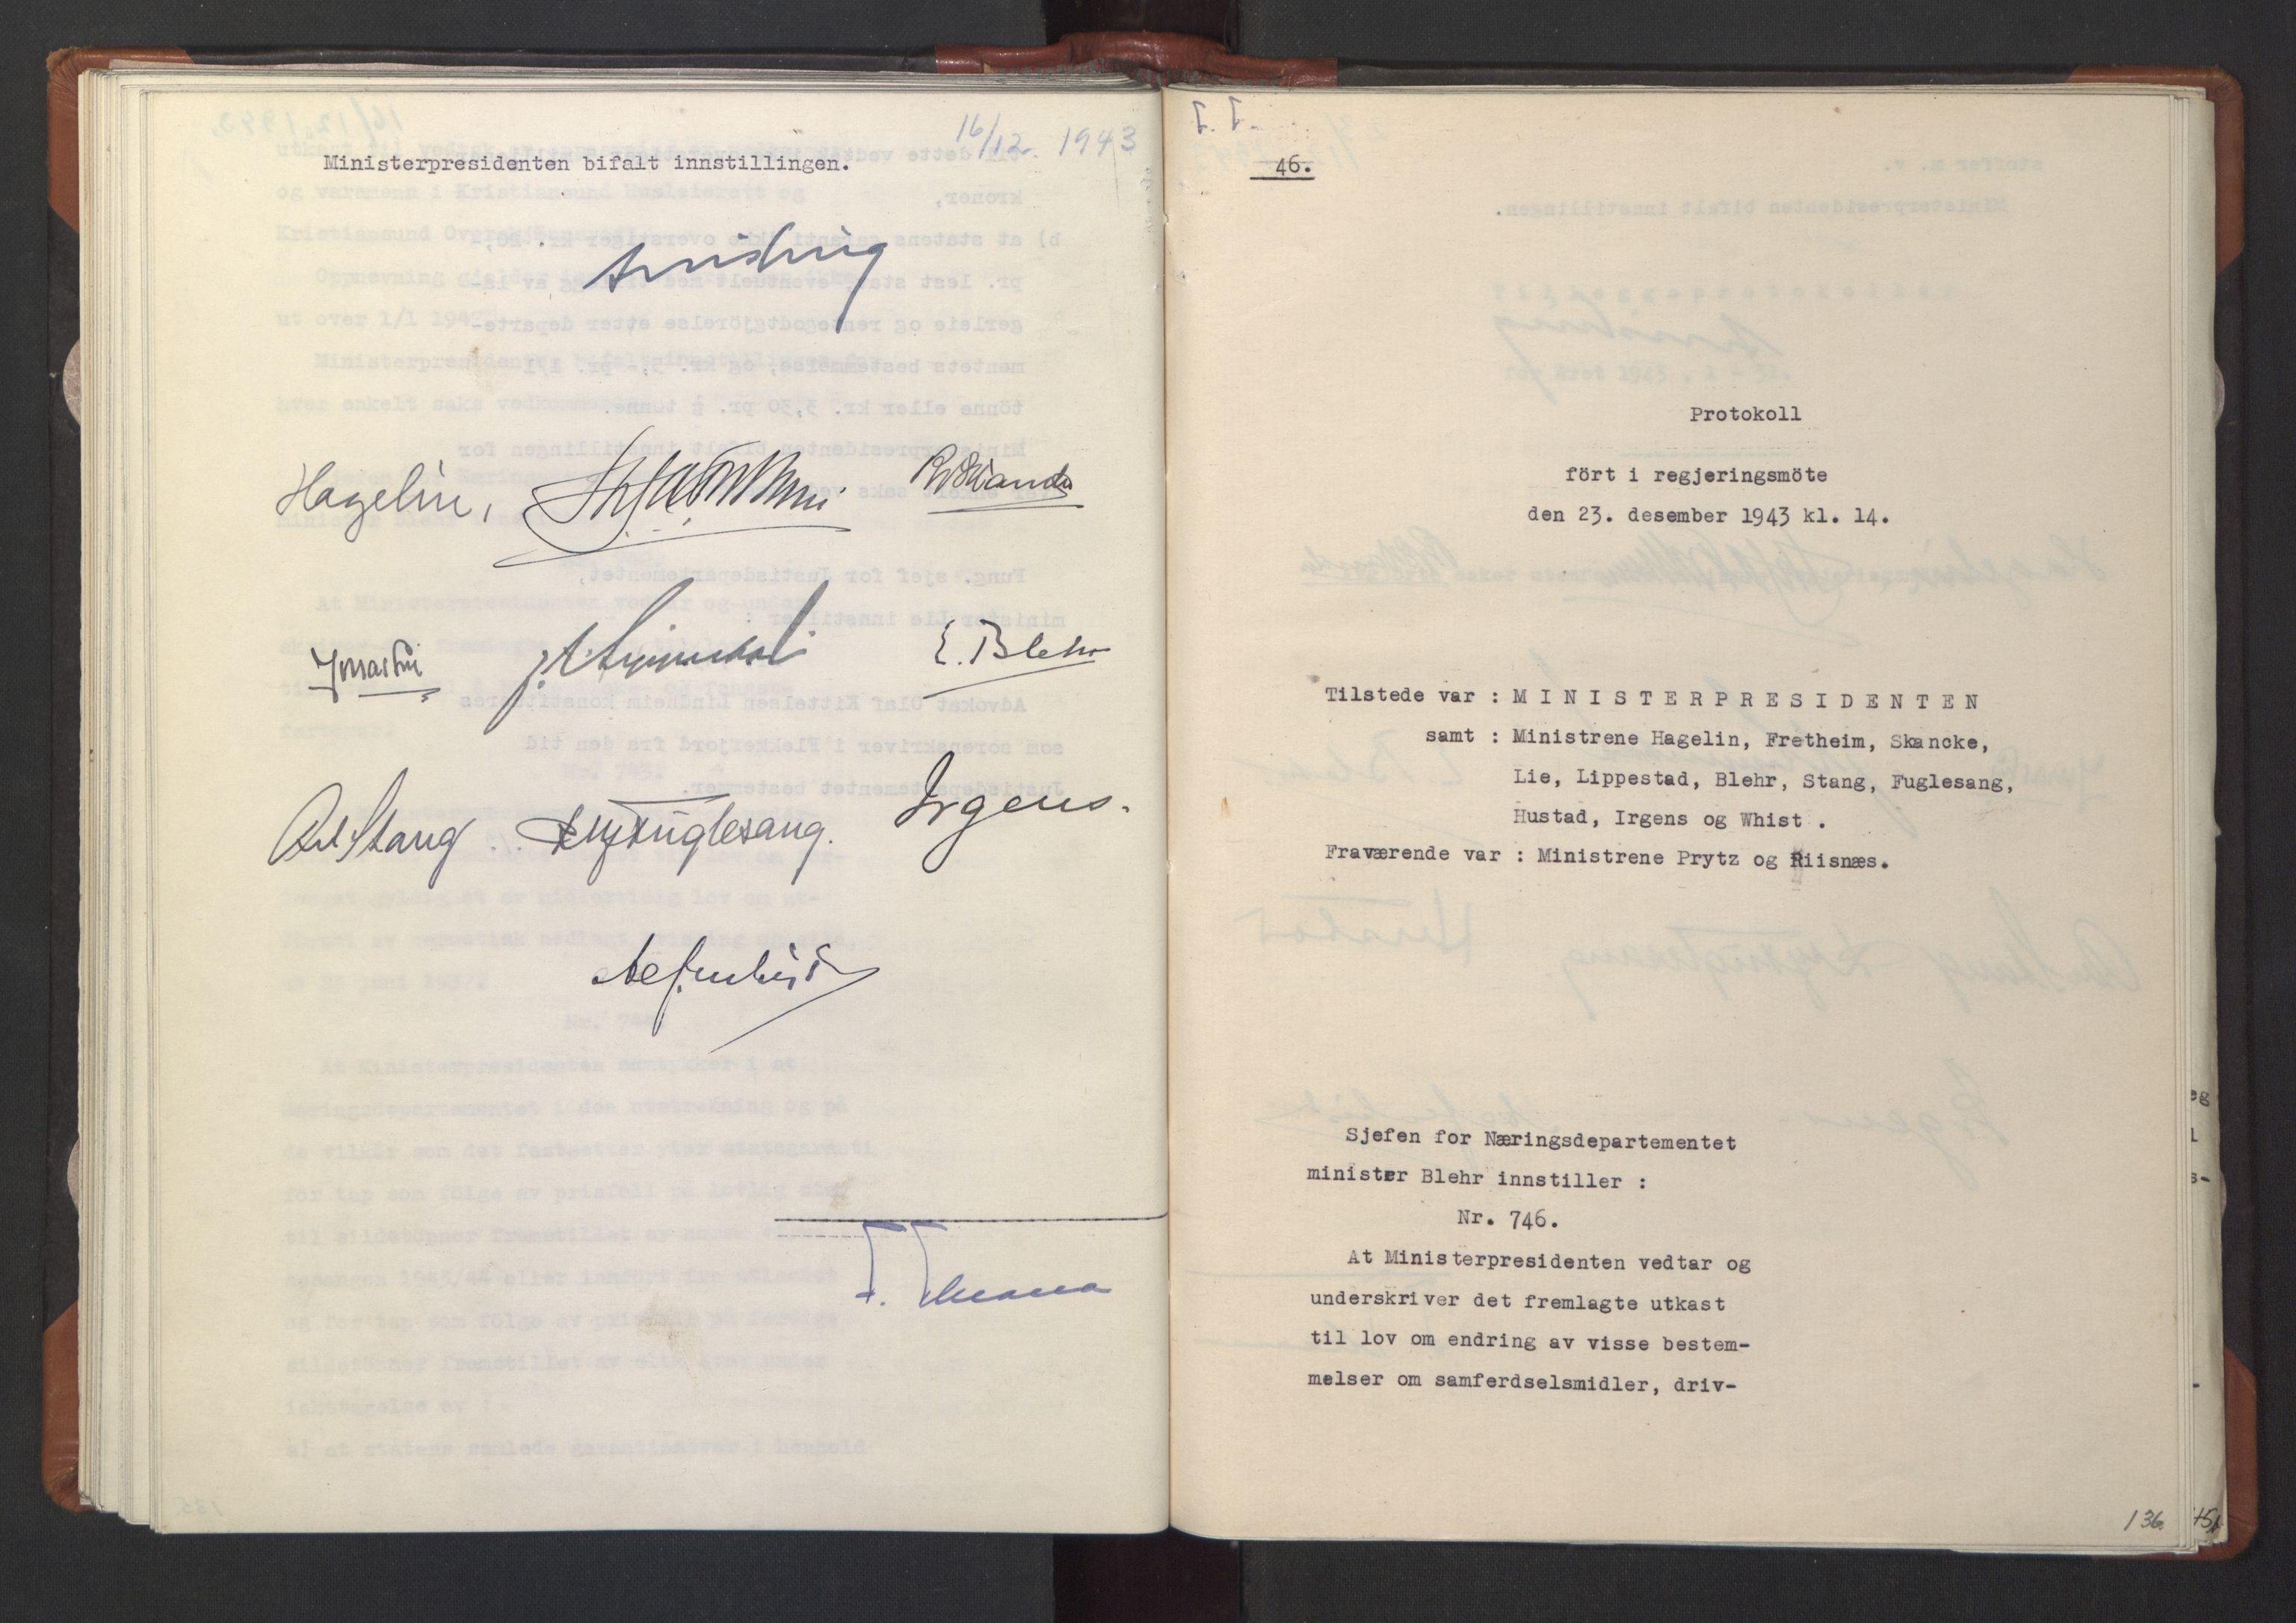 RA, NS-administrasjonen 1940-1945 (Statsrådsekretariatet, de kommisariske statsråder mm), D/Da/L0003: Vedtak (Beslutninger) nr. 1-746 og tillegg nr. 1-47 (RA. j.nr. 1394/1944, tilgangsnr. 8/1944, 1943, s. 135b-136a